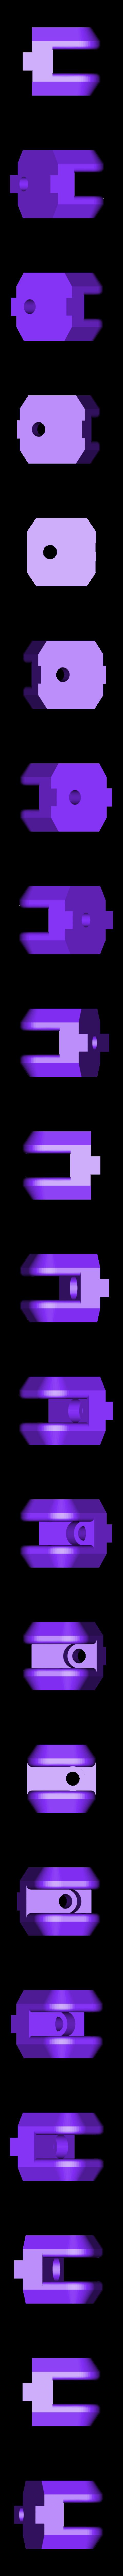 Support afficheur.stl Download free STL file Display case Prusa I3 • 3D printer model, Alienmaker